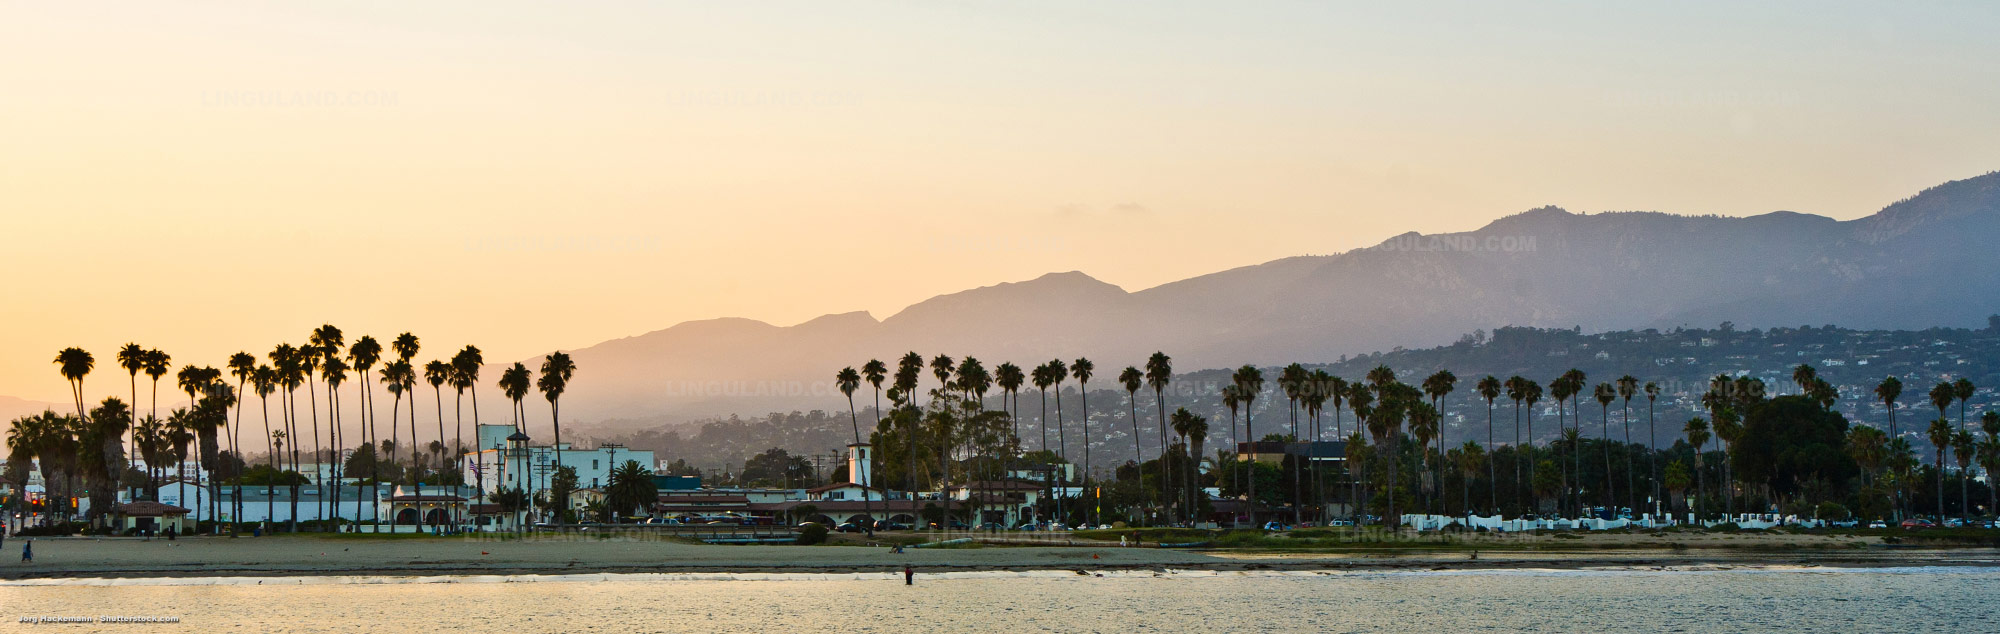 Écoles de langue à Santa Barbara